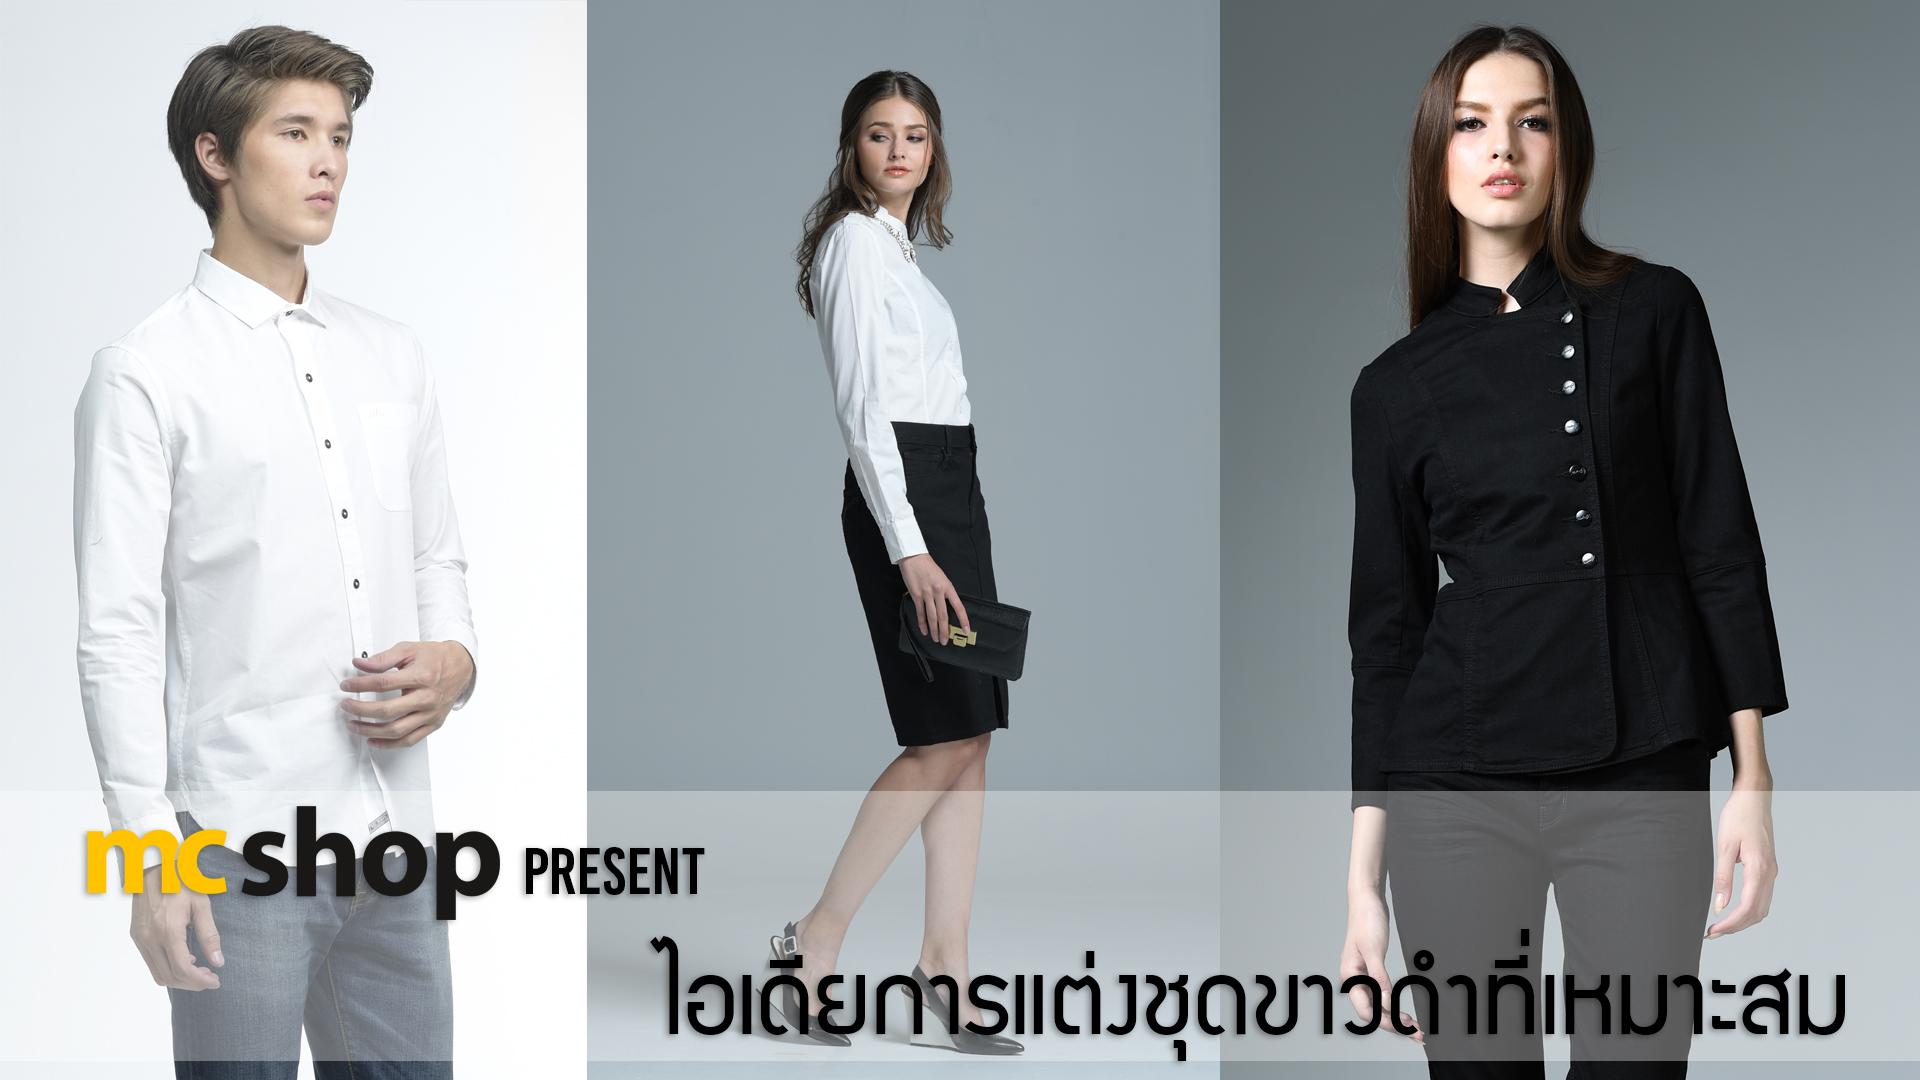 ไอเดียการแต่งชุดขาวดำที่เหมาะสม